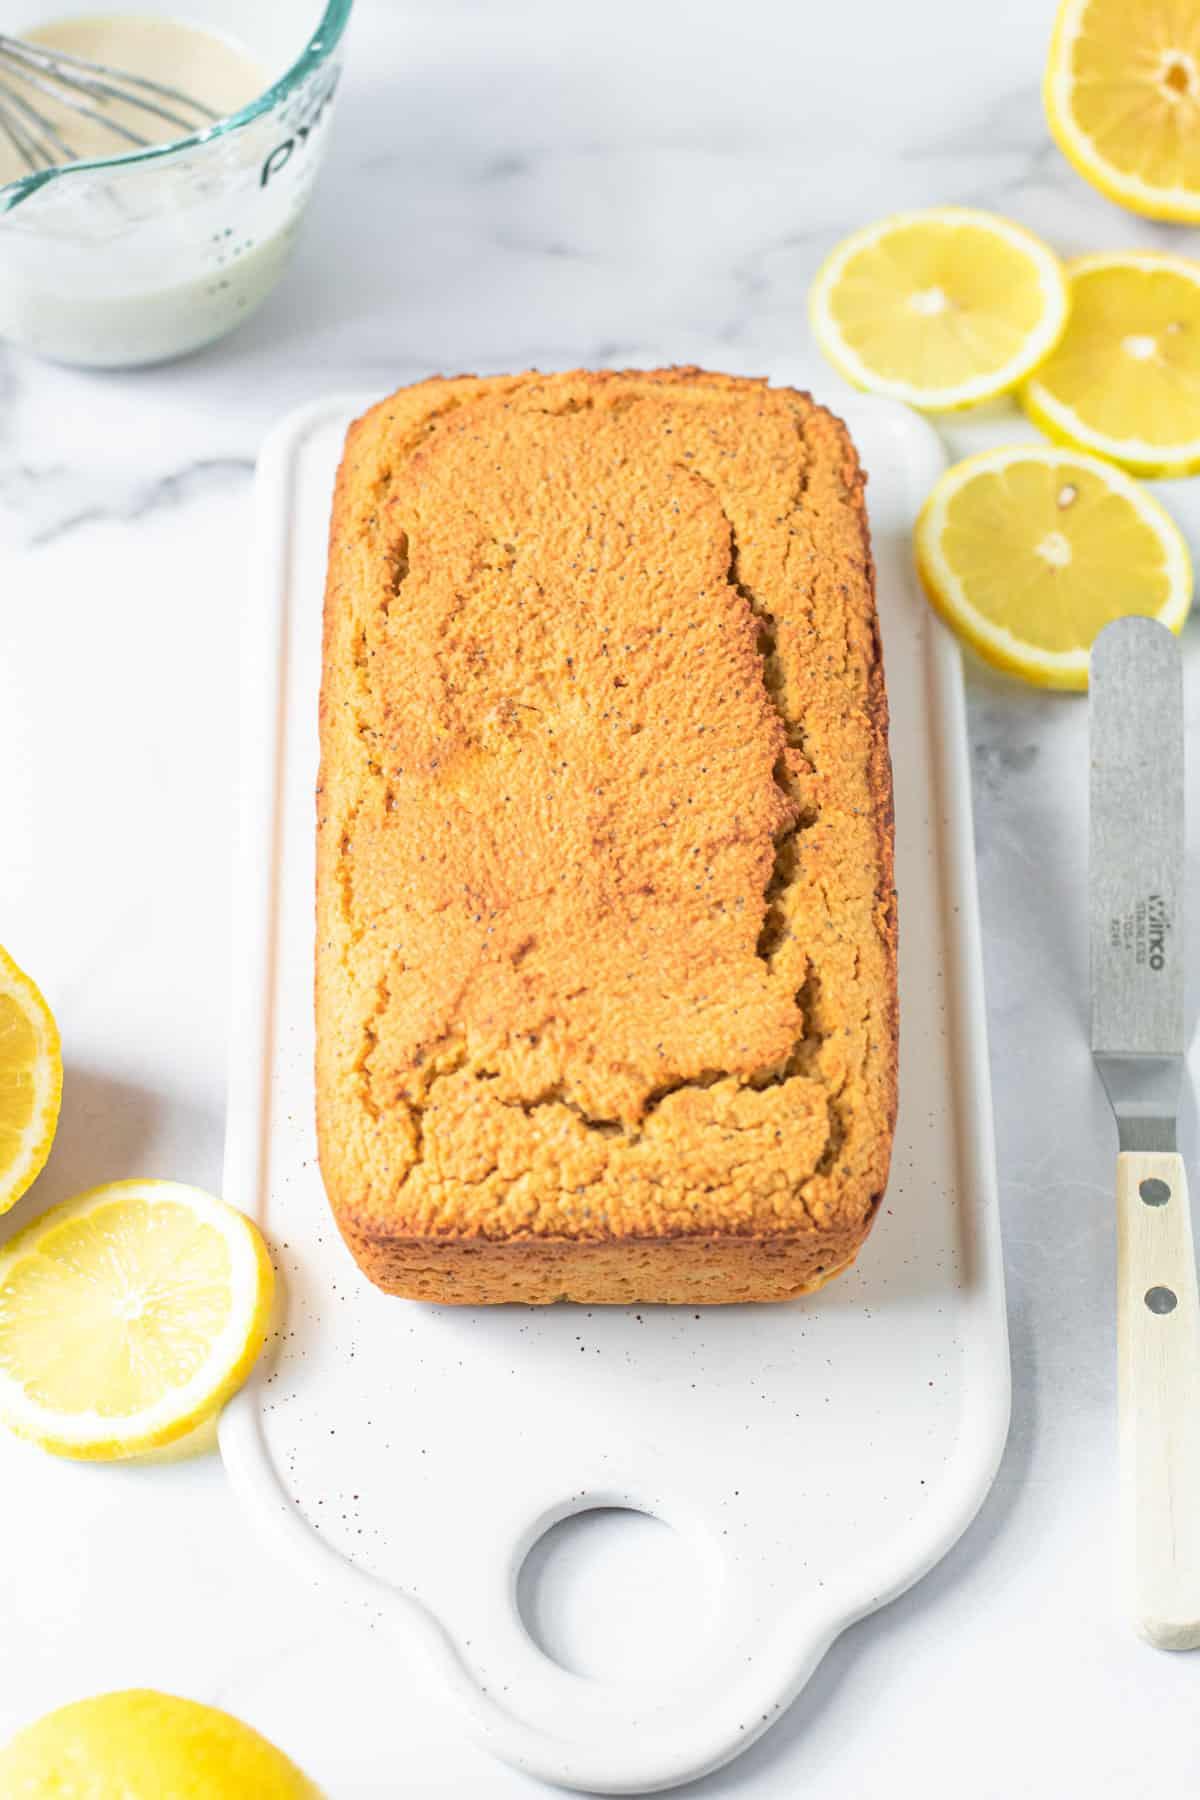 Baked healthy lemon poppy seed bread.